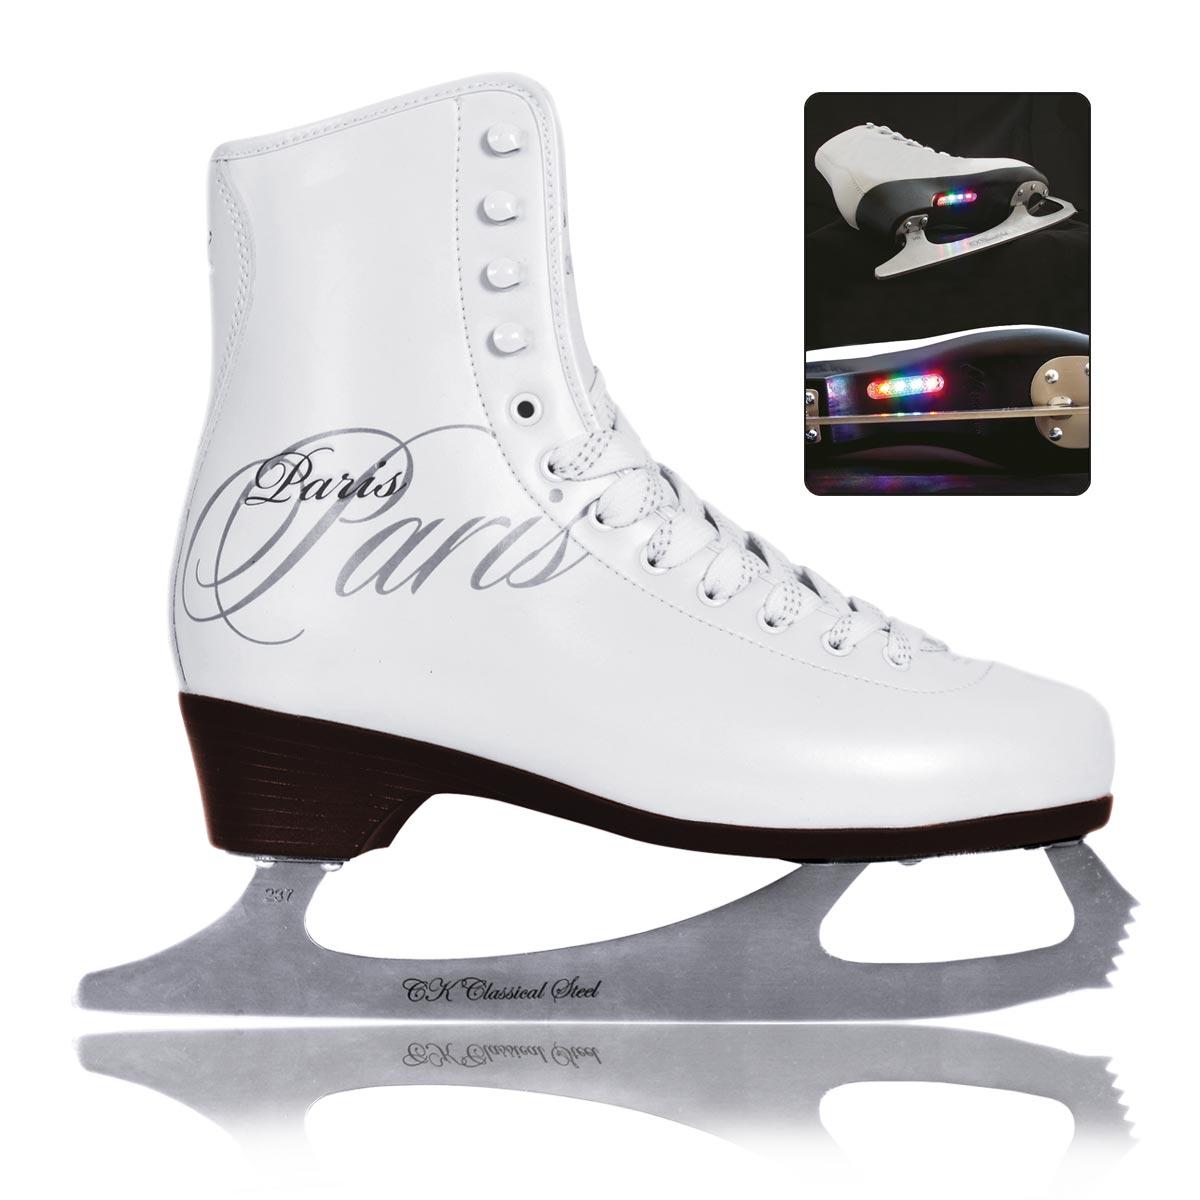 Коньки фигурные для девочки CK Paris Lux Tricot, цвет: белый. Размер 34